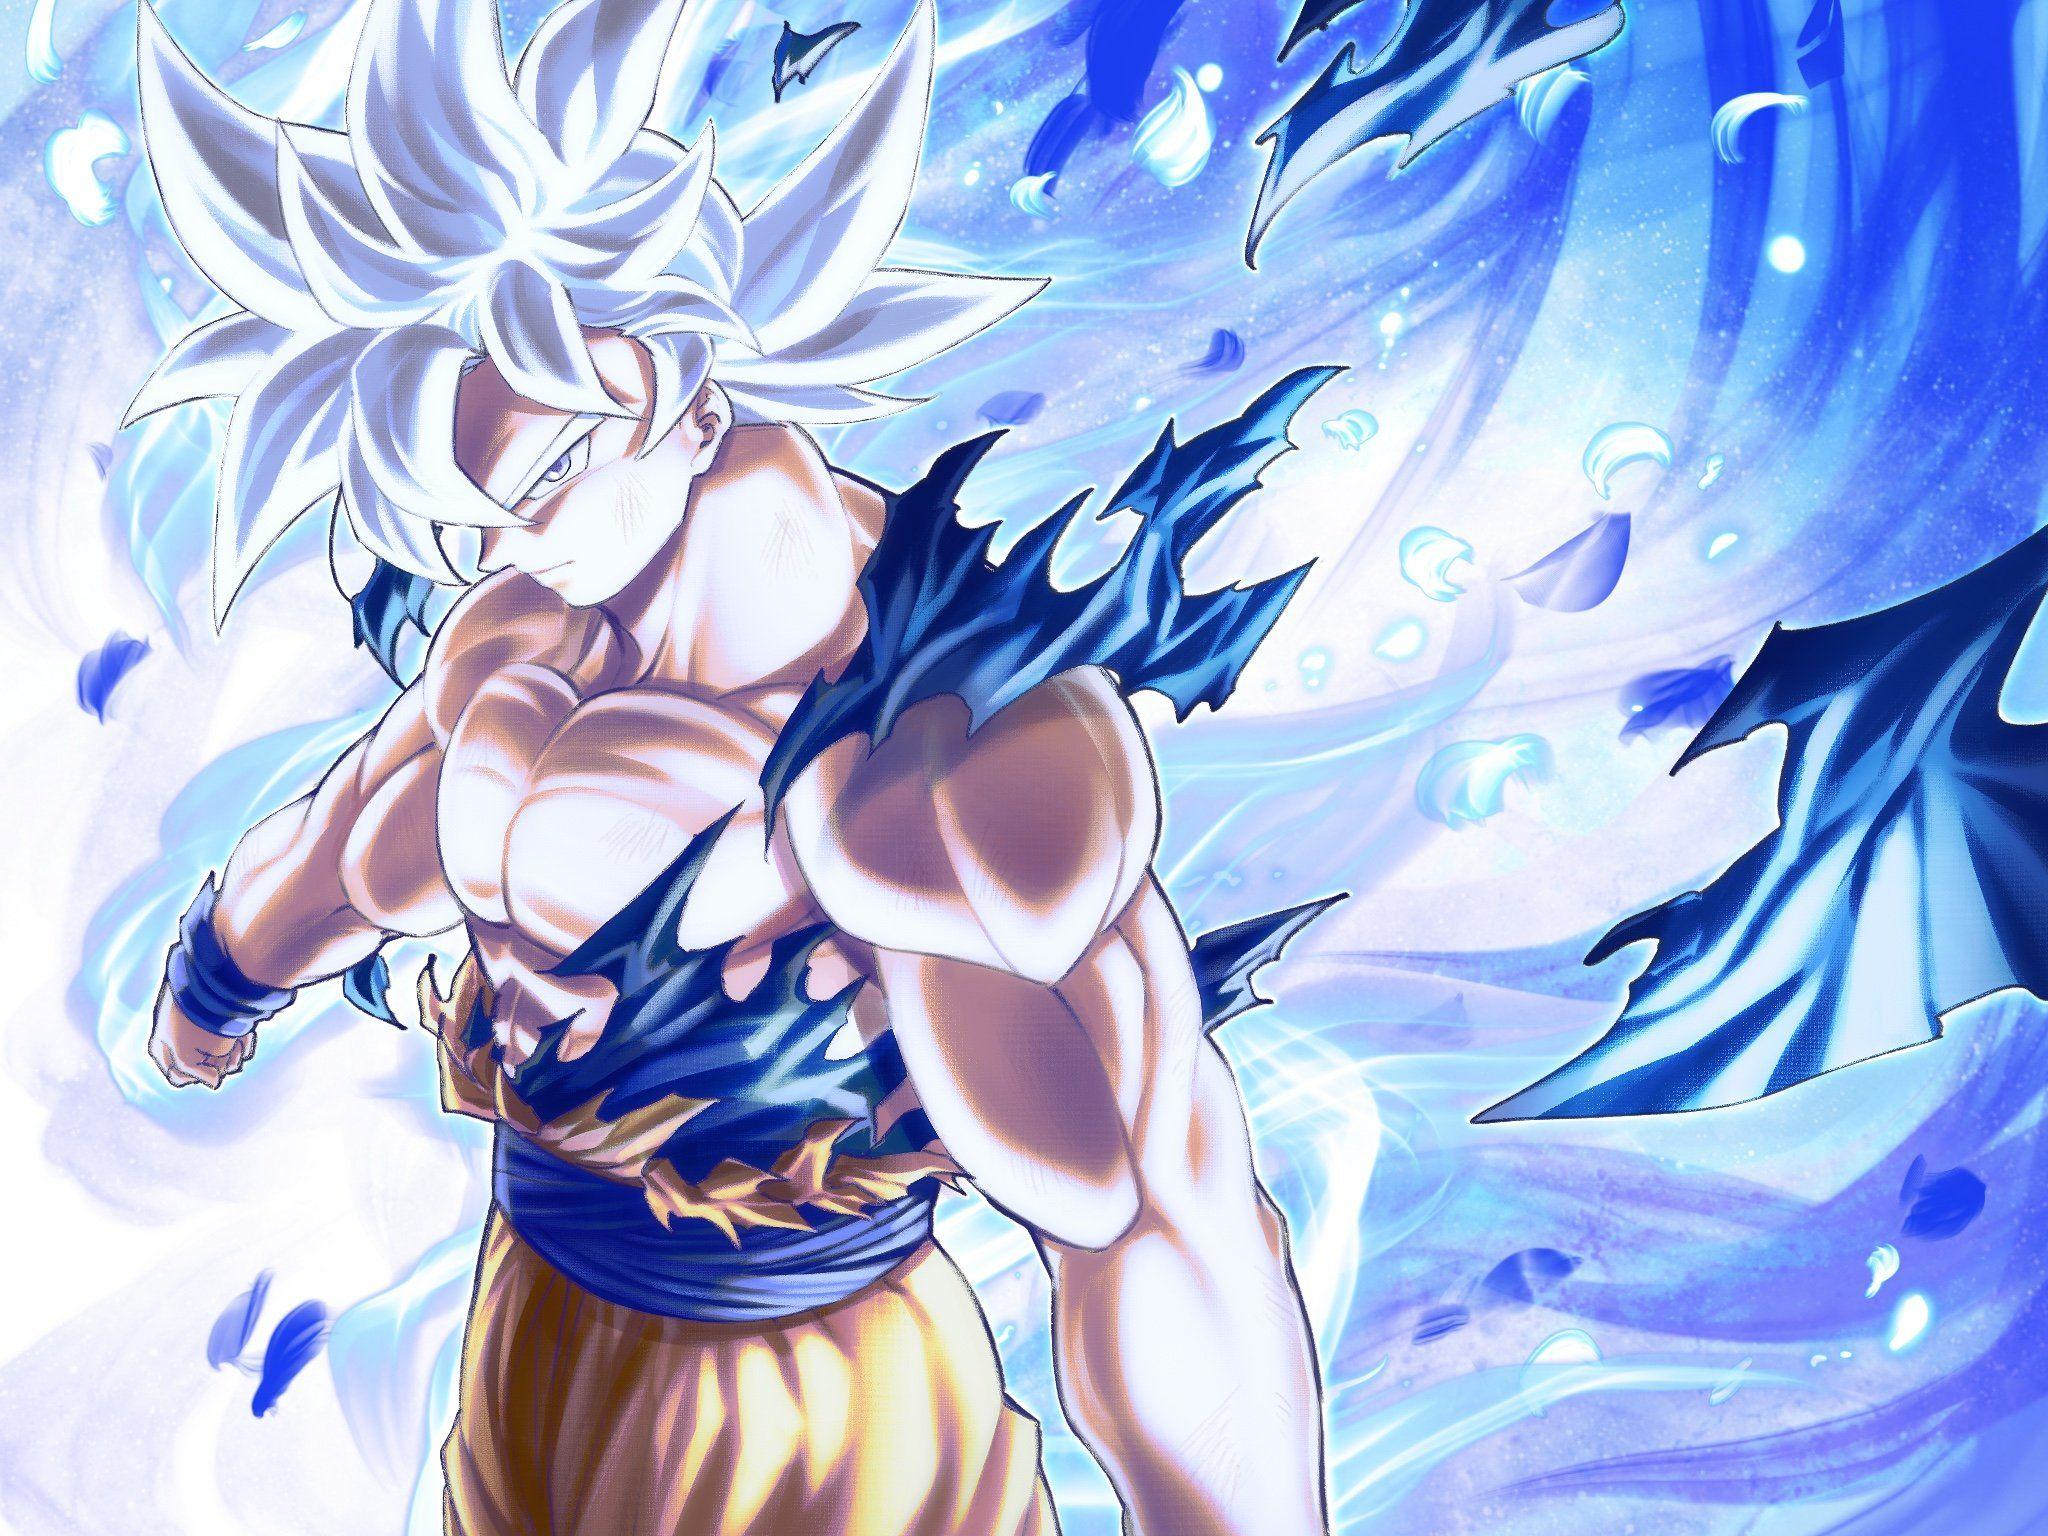 Mui Goku Dragon Ball Super Goku Anime Dragon Ball Super Anime Dragon Ball